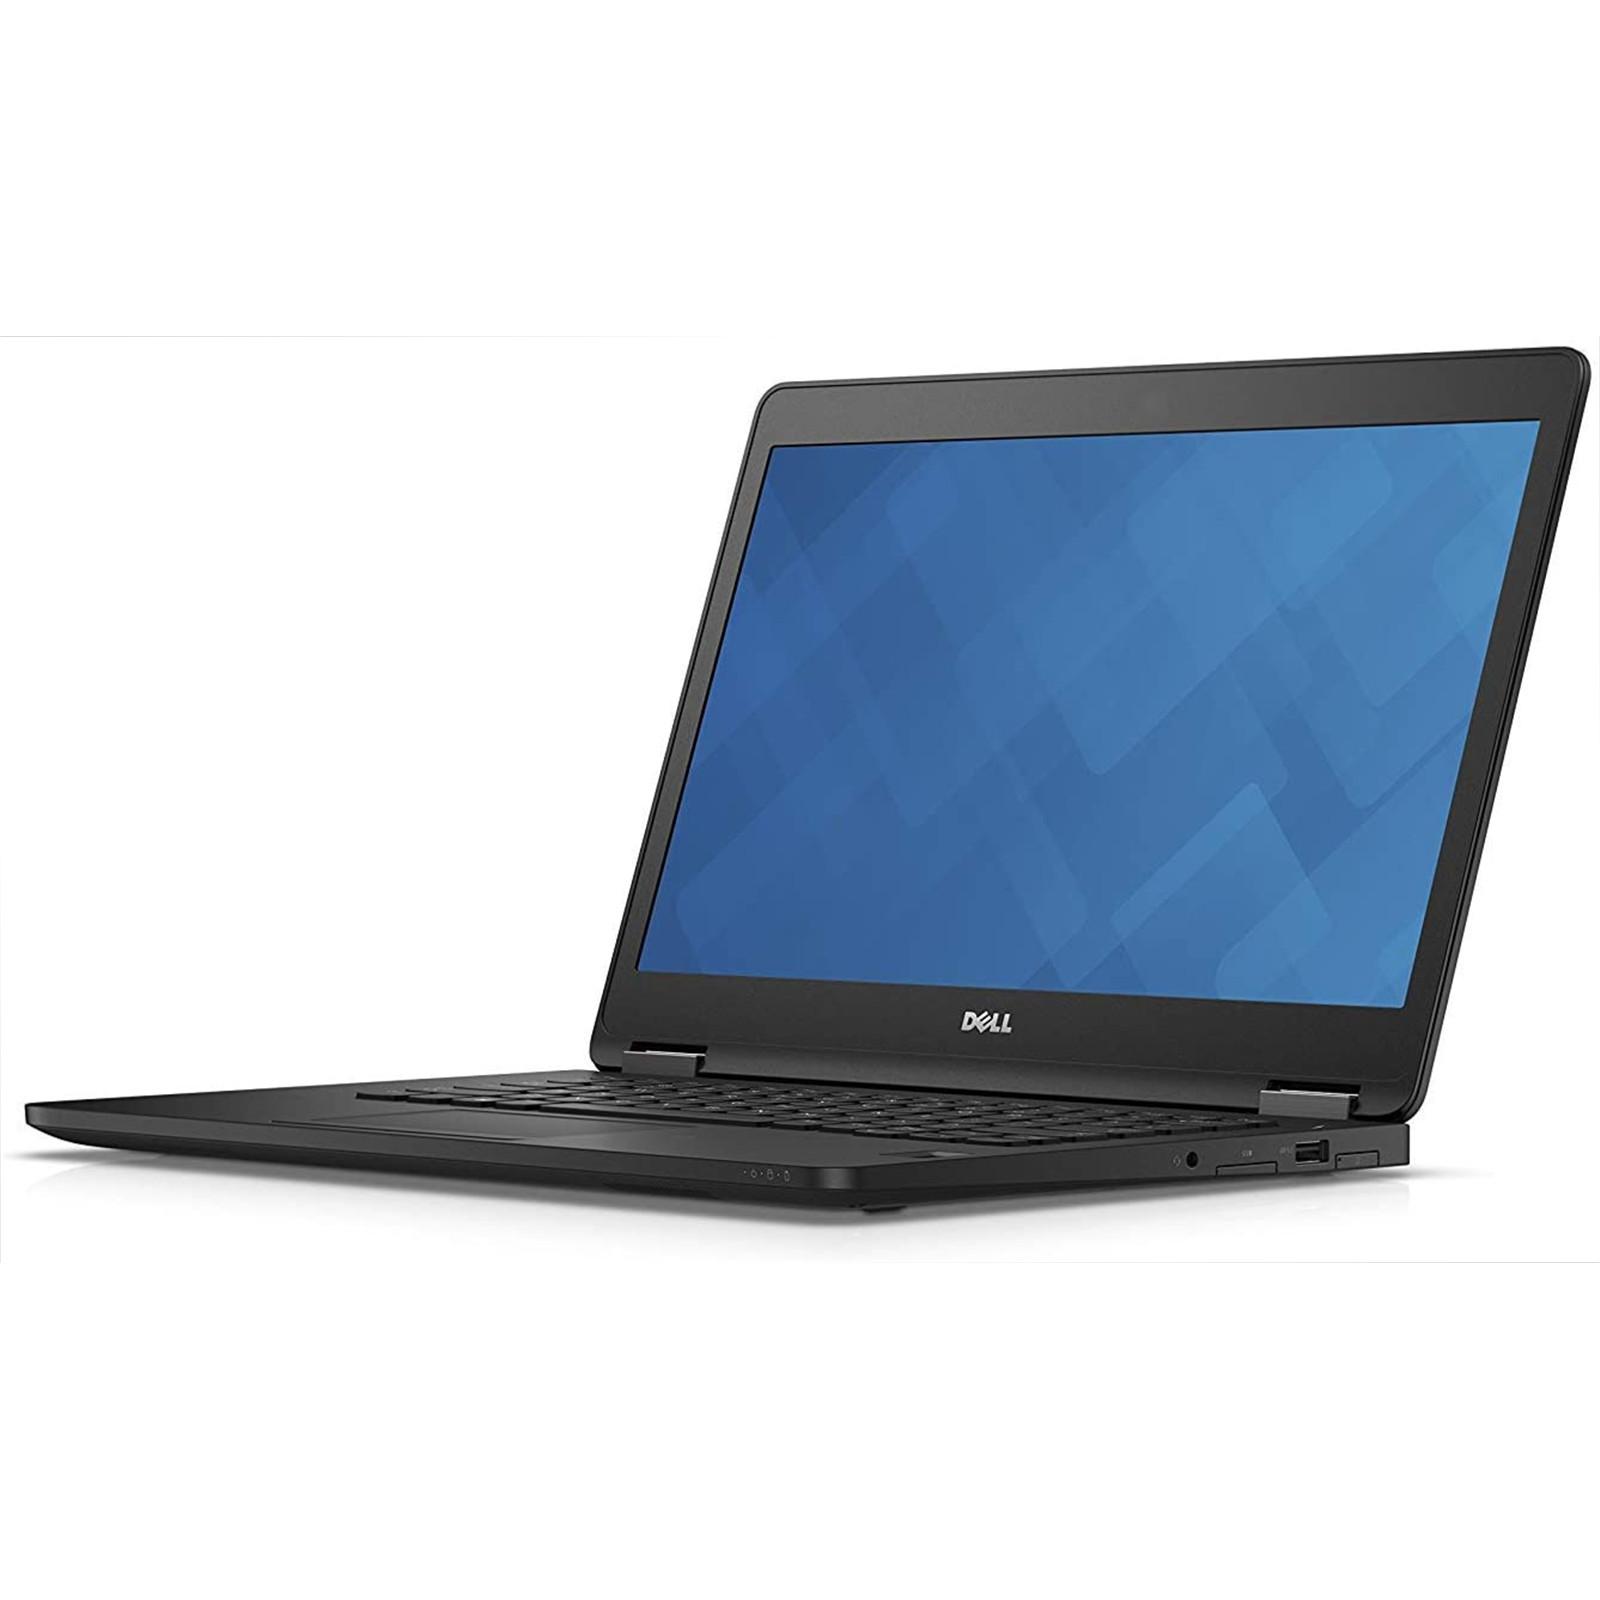 Buy the Dell Latitude E7470 Ultrabook (GREEN BOOK) Intel